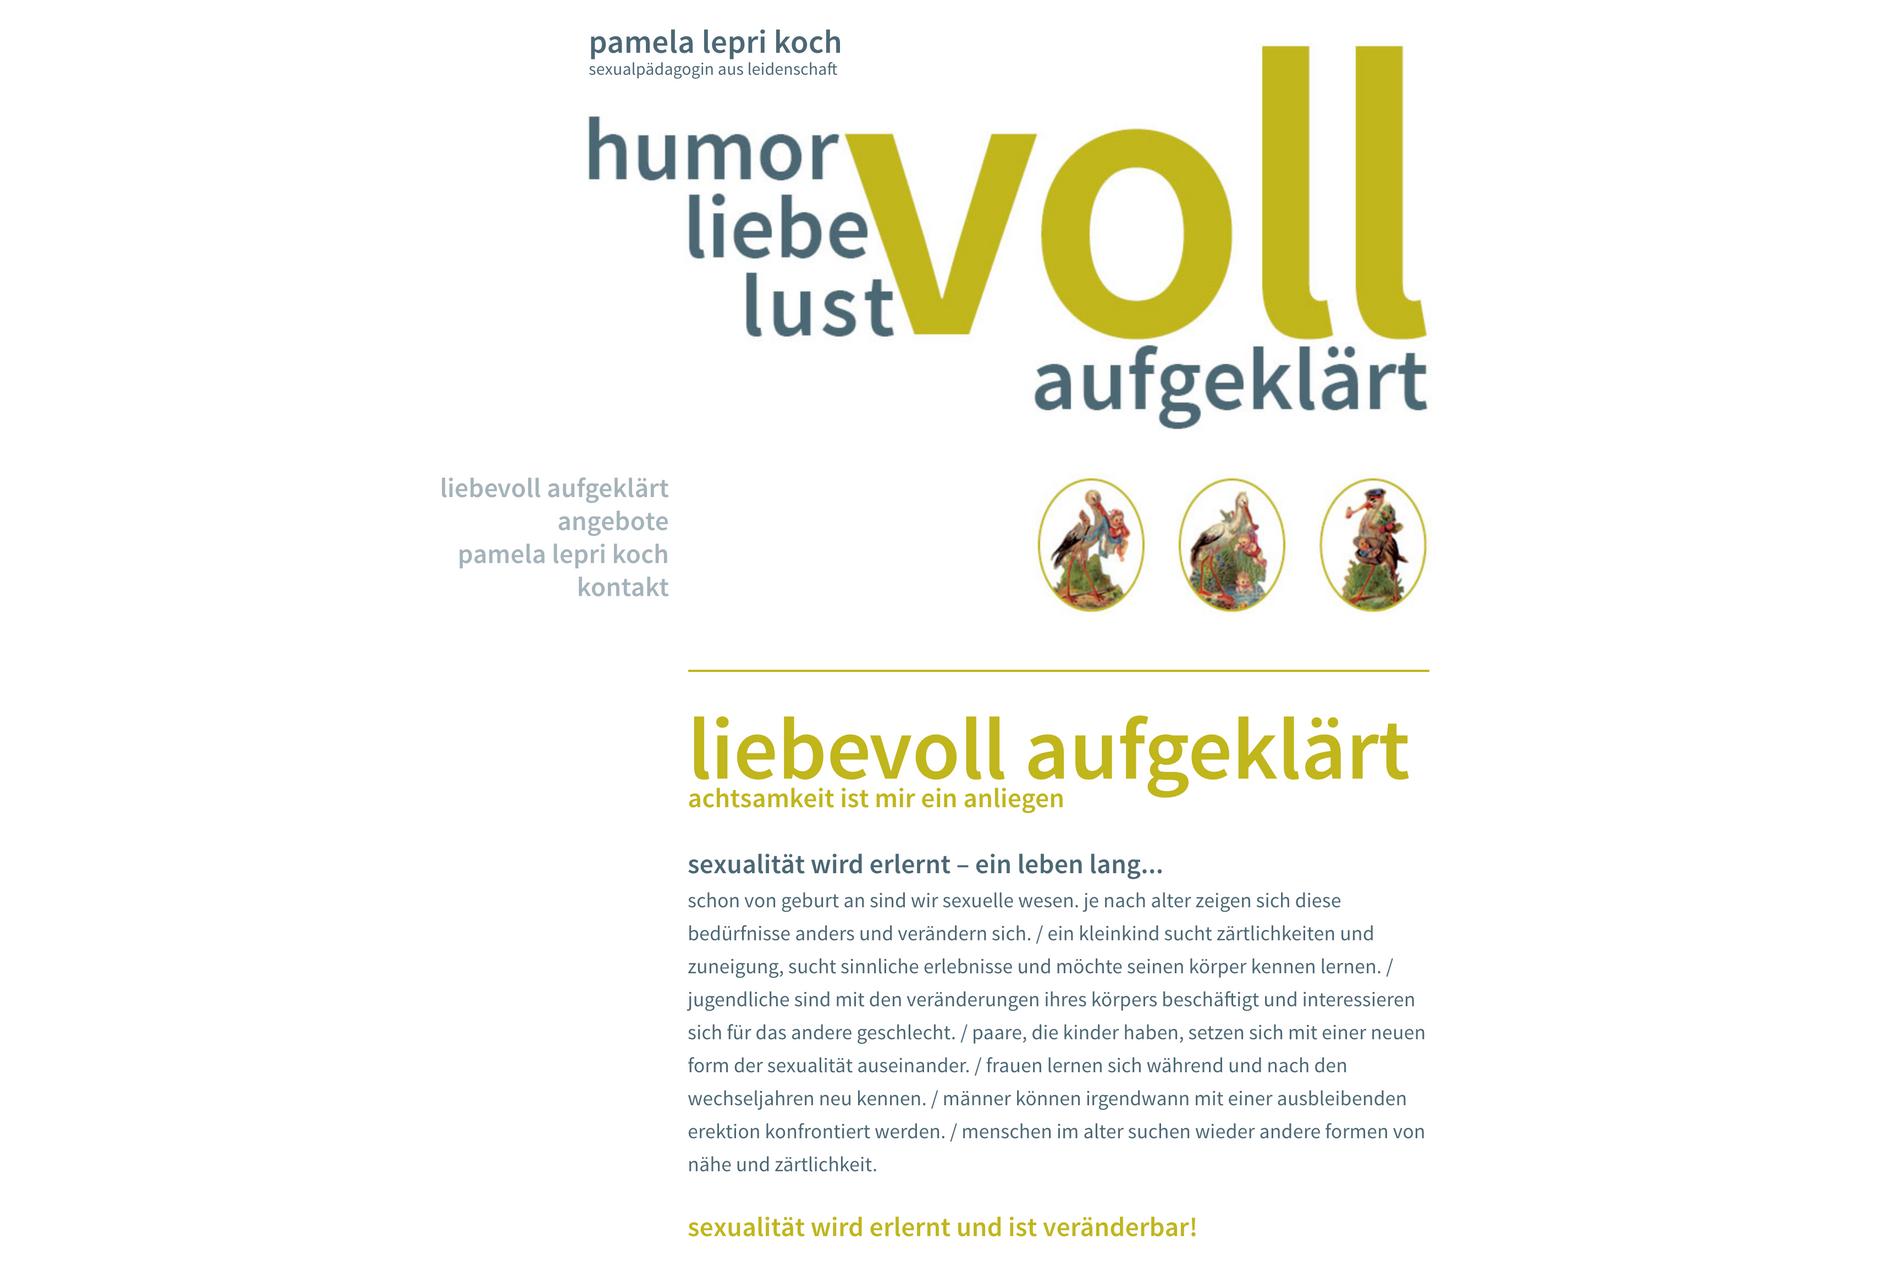 www.liebevollaufgeklaert.ch